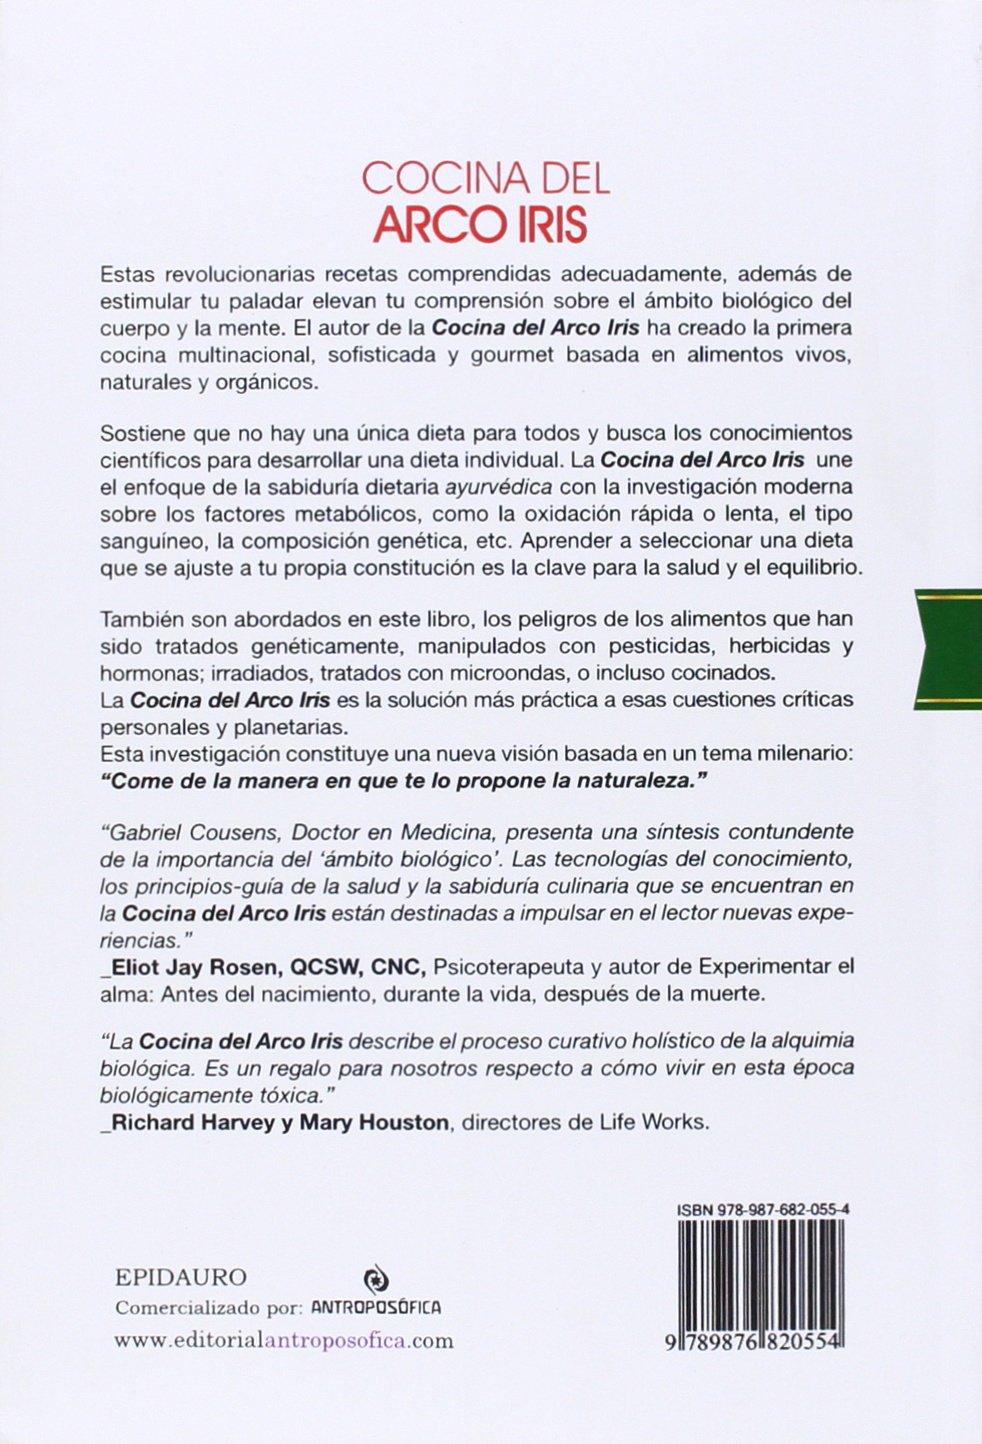 Cocina Del Arco Iris: Amazon.es: Gabriel Cousens: Libros